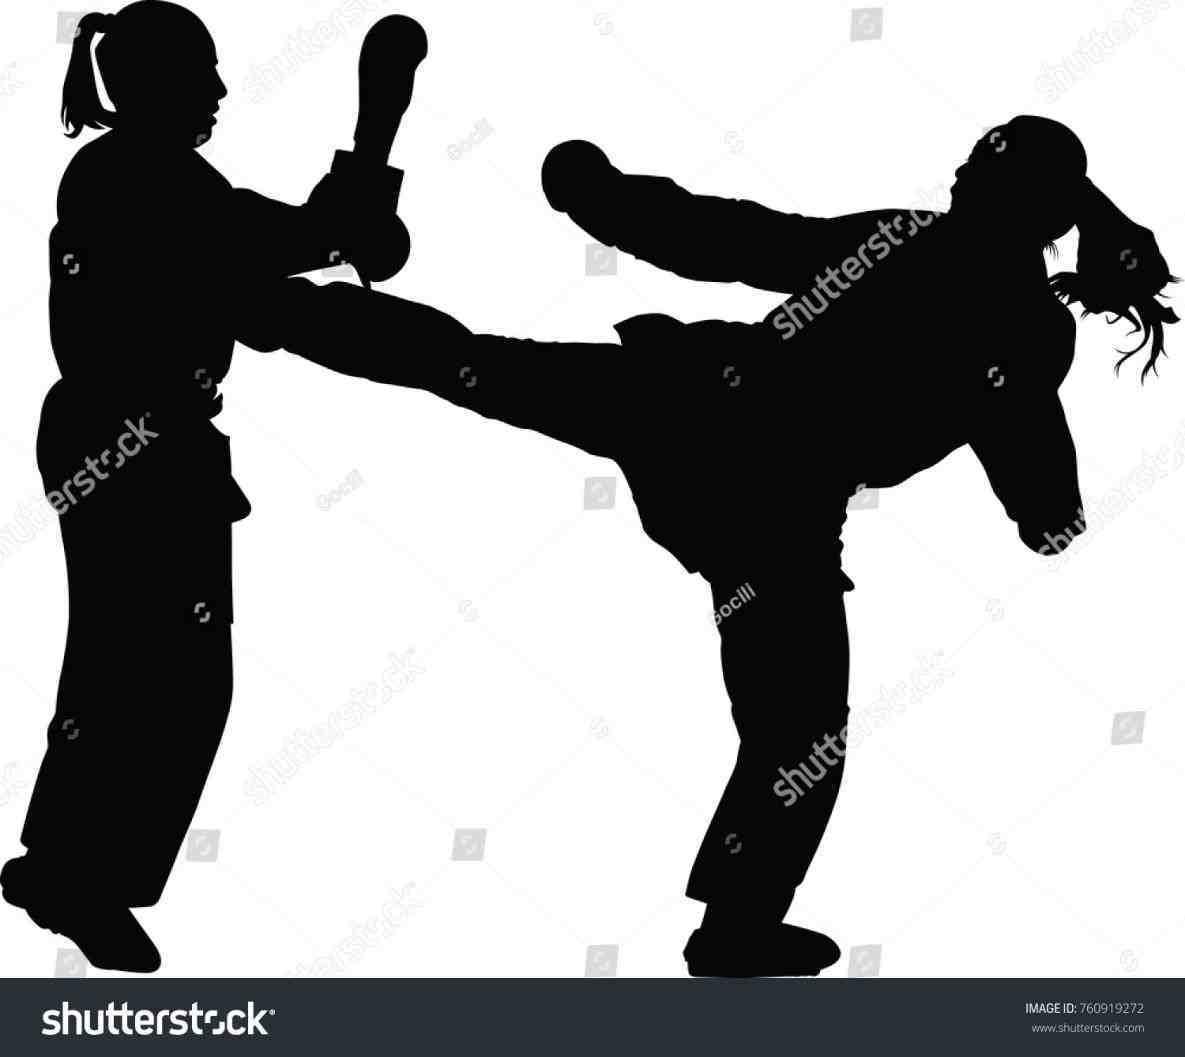 1185x1057 Jump Kick Silhouetterhnchsbandsinfo Karate Karate Kick Silhouette